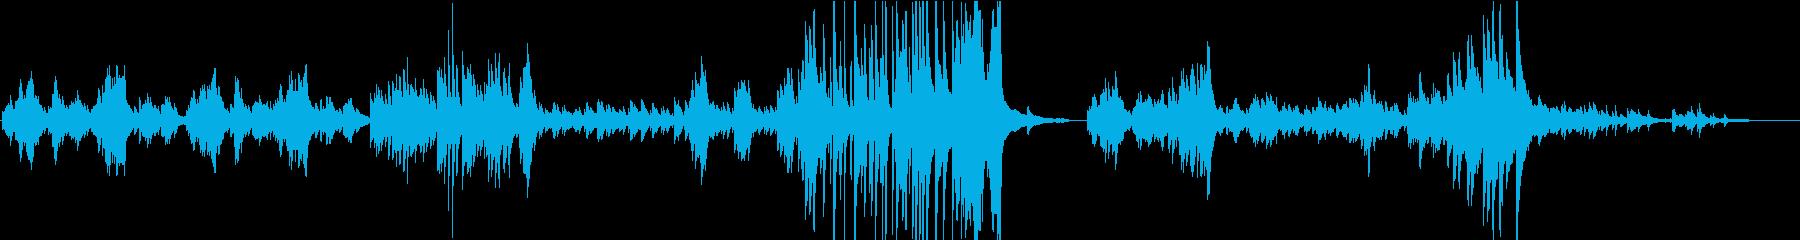 切ない系ヒーリング曲をピアノソロで♪の再生済みの波形